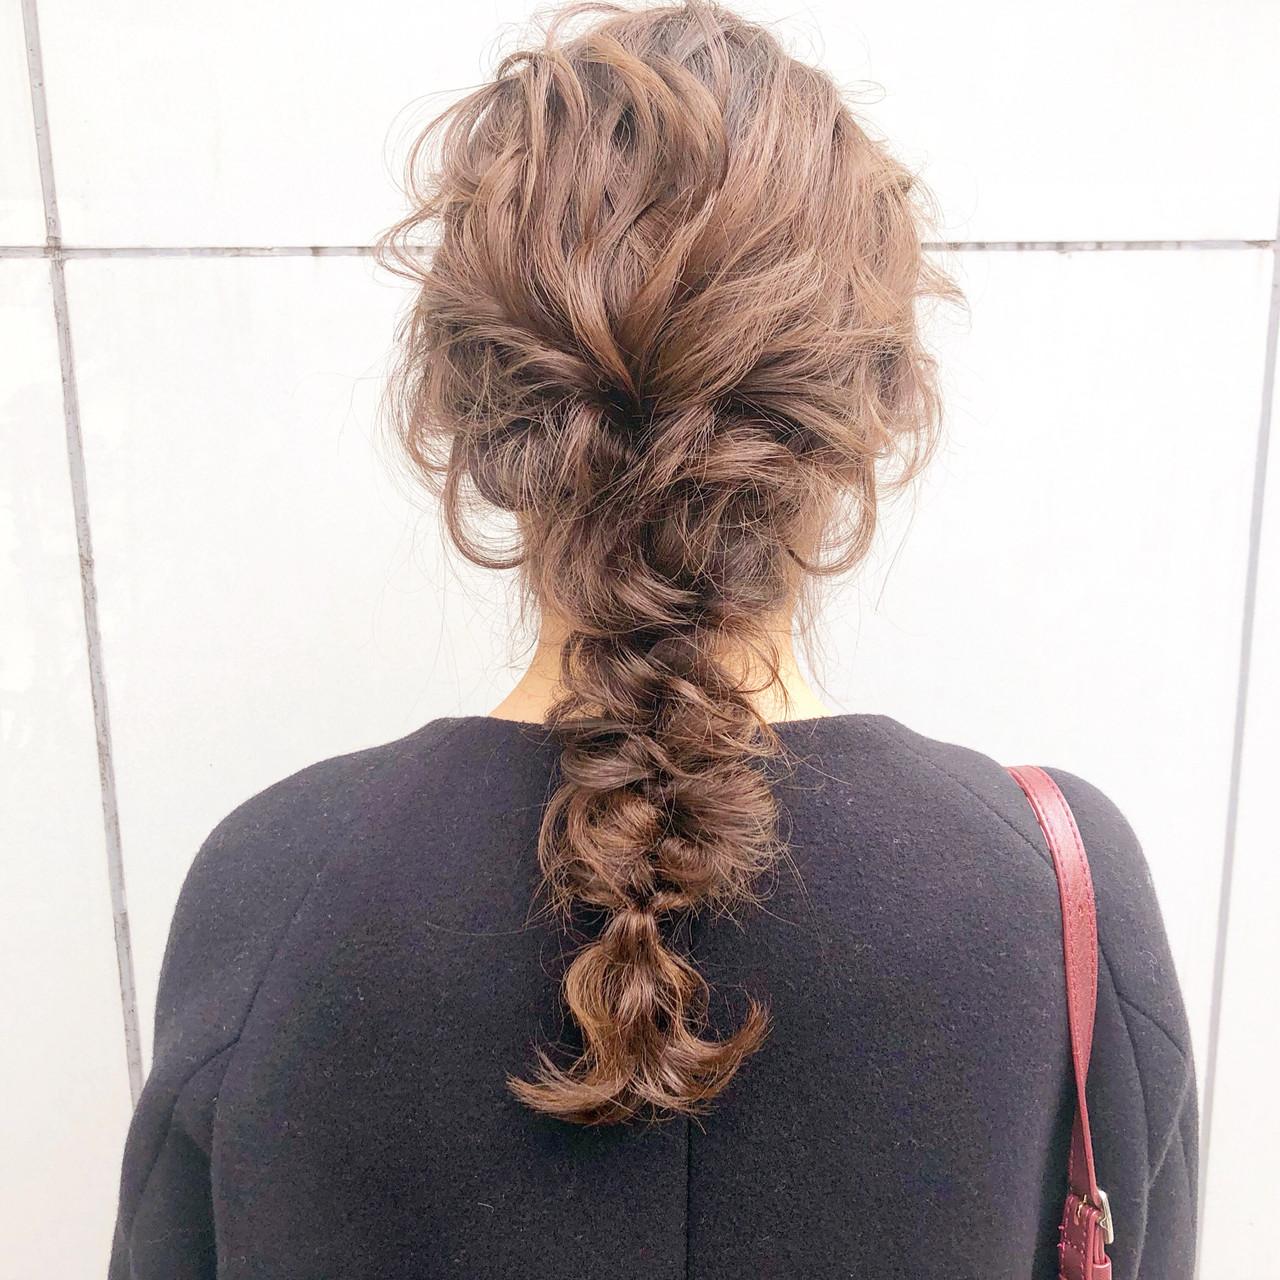 結婚式 アンニュイほつれヘア ロング 簡単ヘアアレンジ ヘアスタイルや髪型の写真・画像